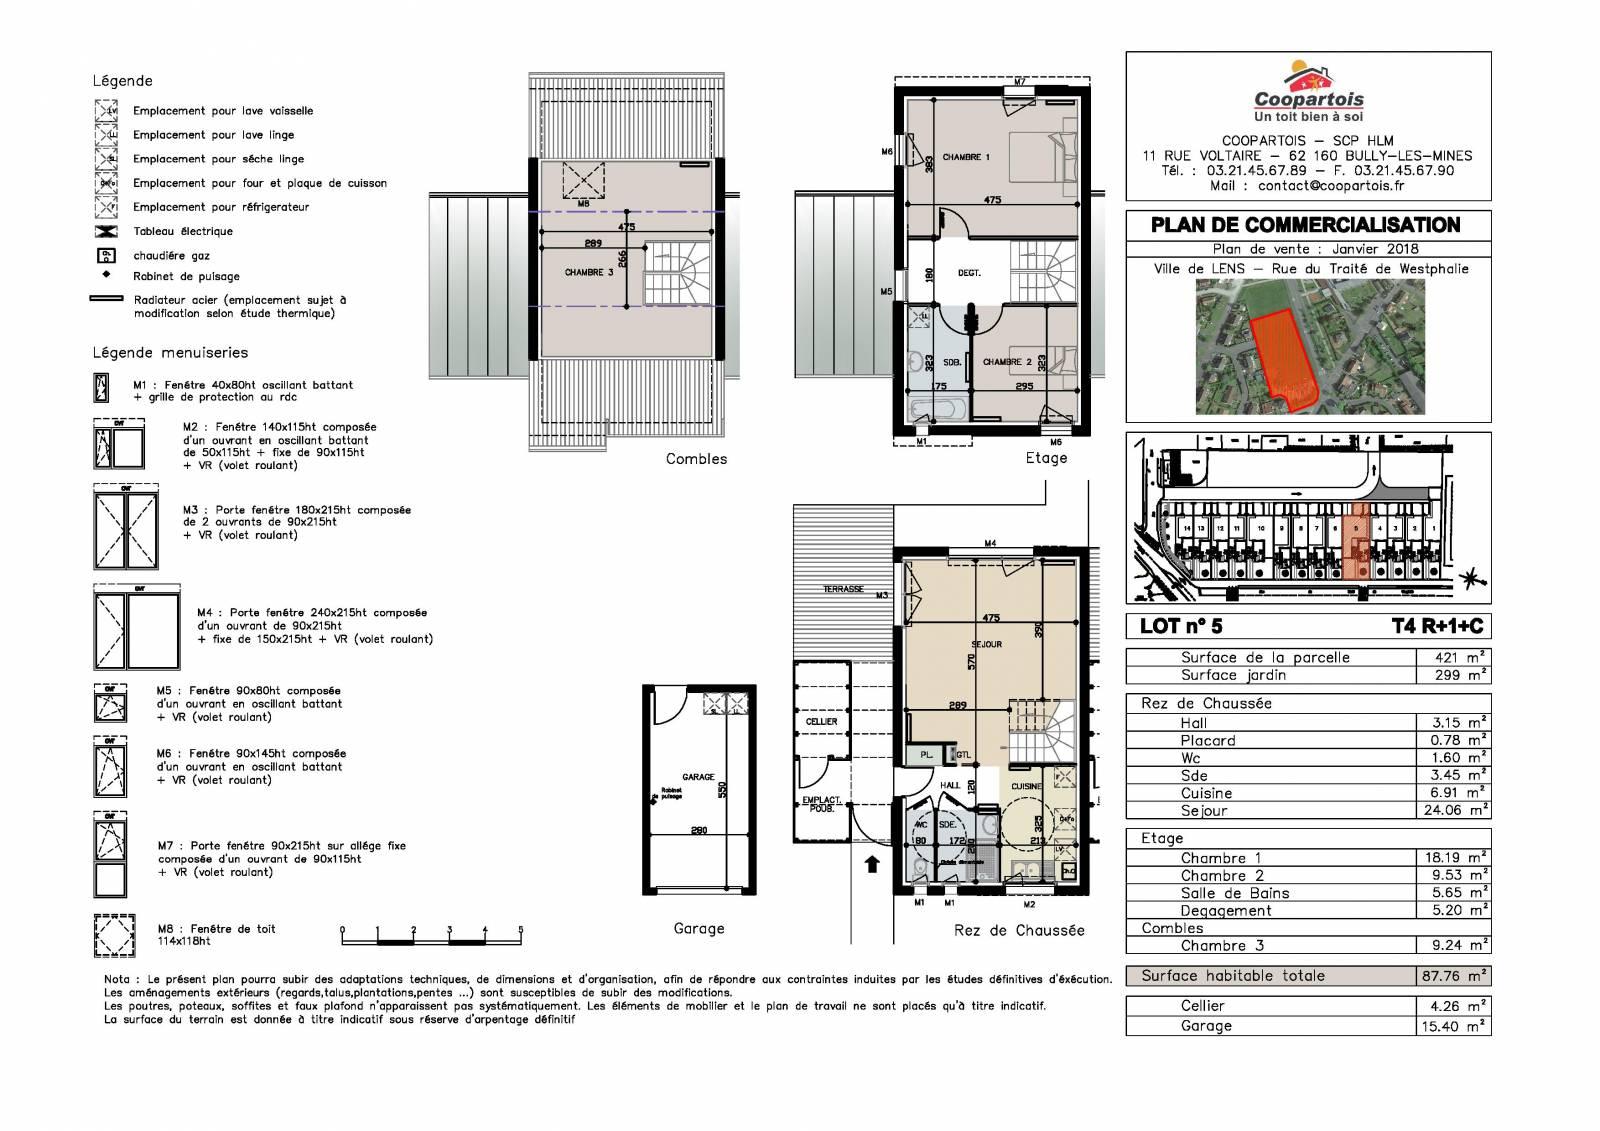 Maison neuve 3 chambres duplex n 5 coopartois for Plan duplex 3 chambres